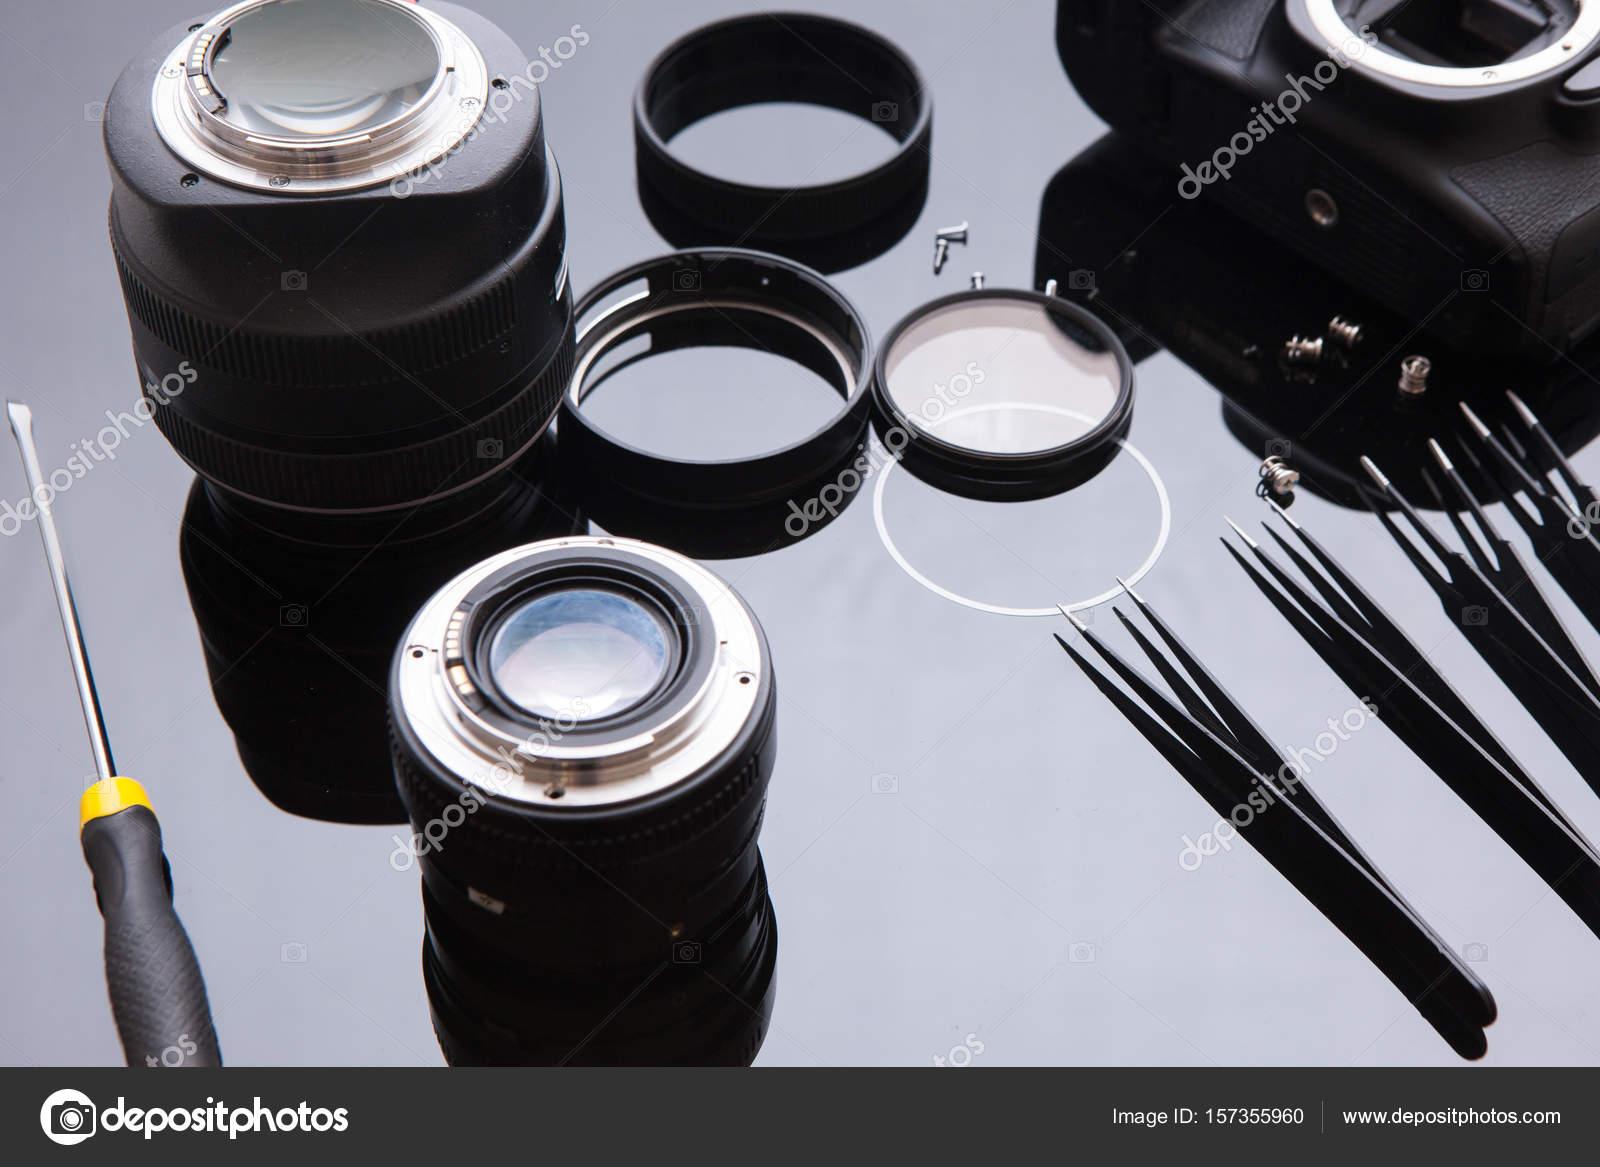 a376e2f48843ce Service de lentille précision optique dslr, ajustement et l alignement. Set  de réparation de lentille caméra dans l espace de travail photo ingénieur.